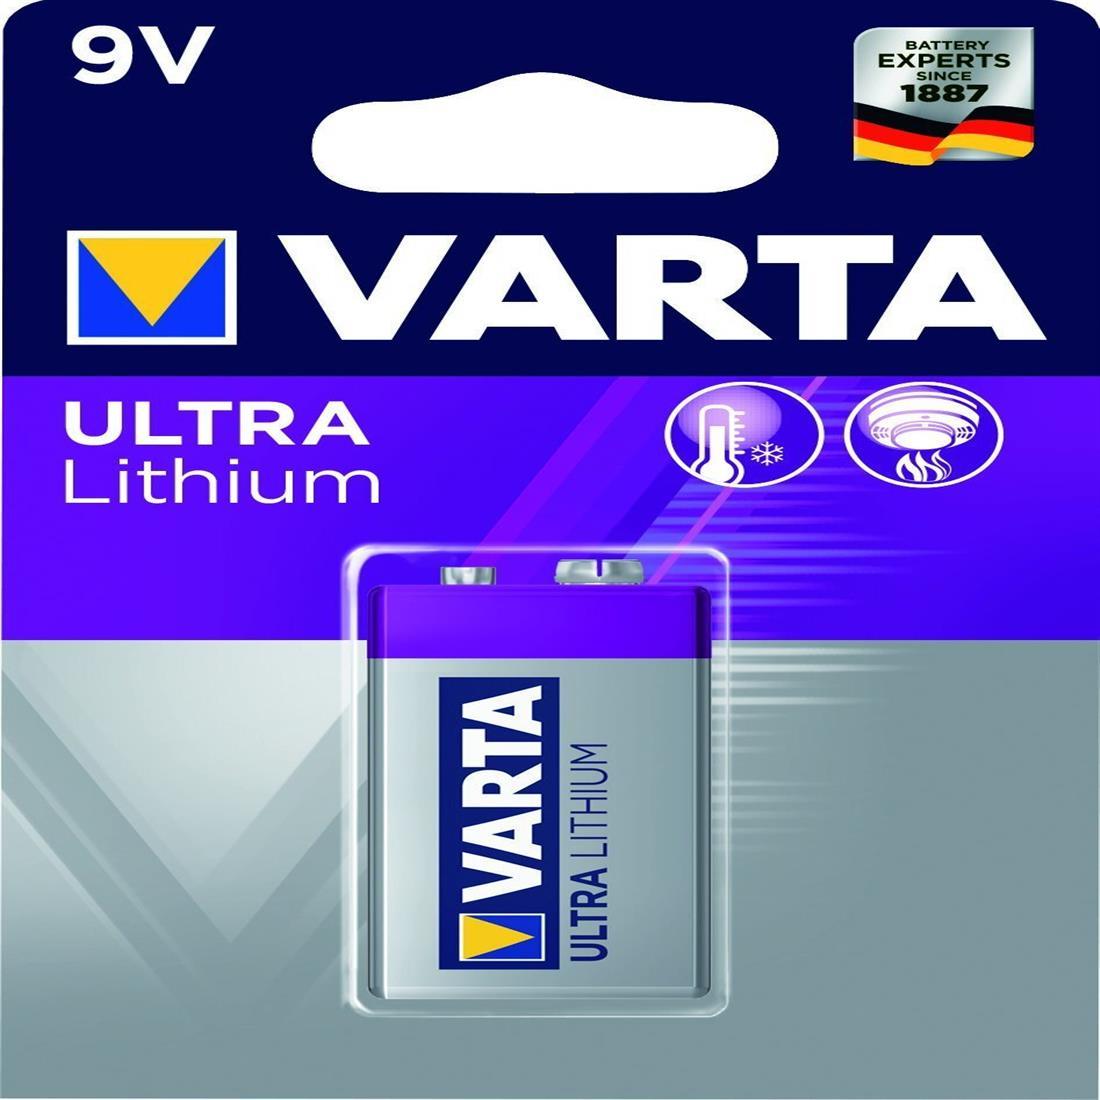 Varta Professional Ultra 9V Lithium (rookmelder) 6LR61 blister van 1 stuk (3790376)